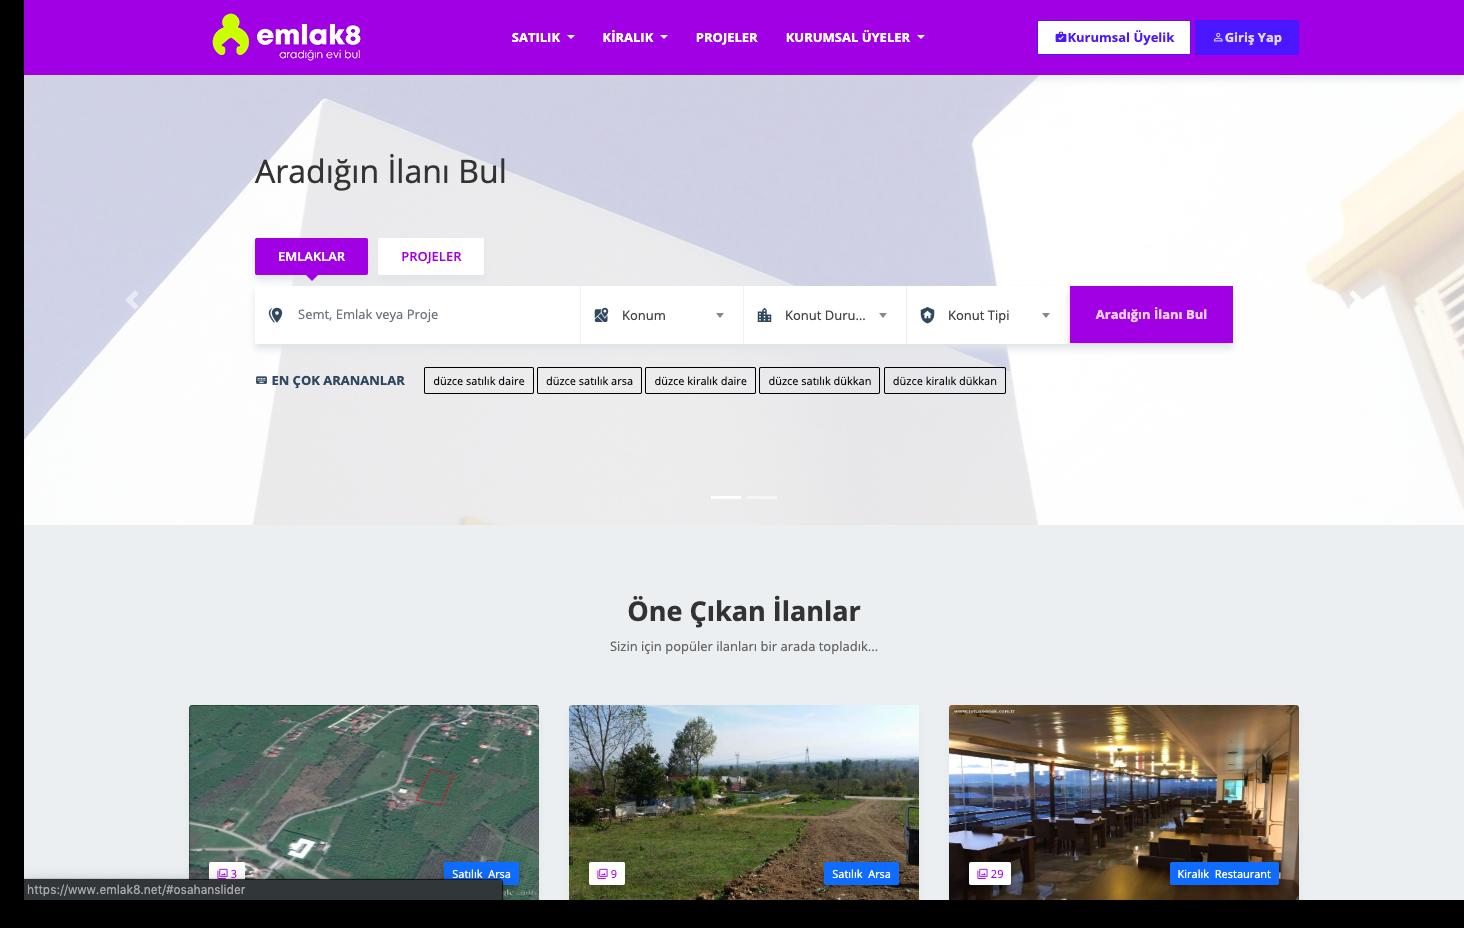 Türkiye'nin önde gelen emlak portallarından bir olma iddasıyla yola çıkan Emlak8.net; 'Aradığın evi bul' sloganıyla rengini, logosunu, tasarım ve alt yapısını tamamen yeniledi.